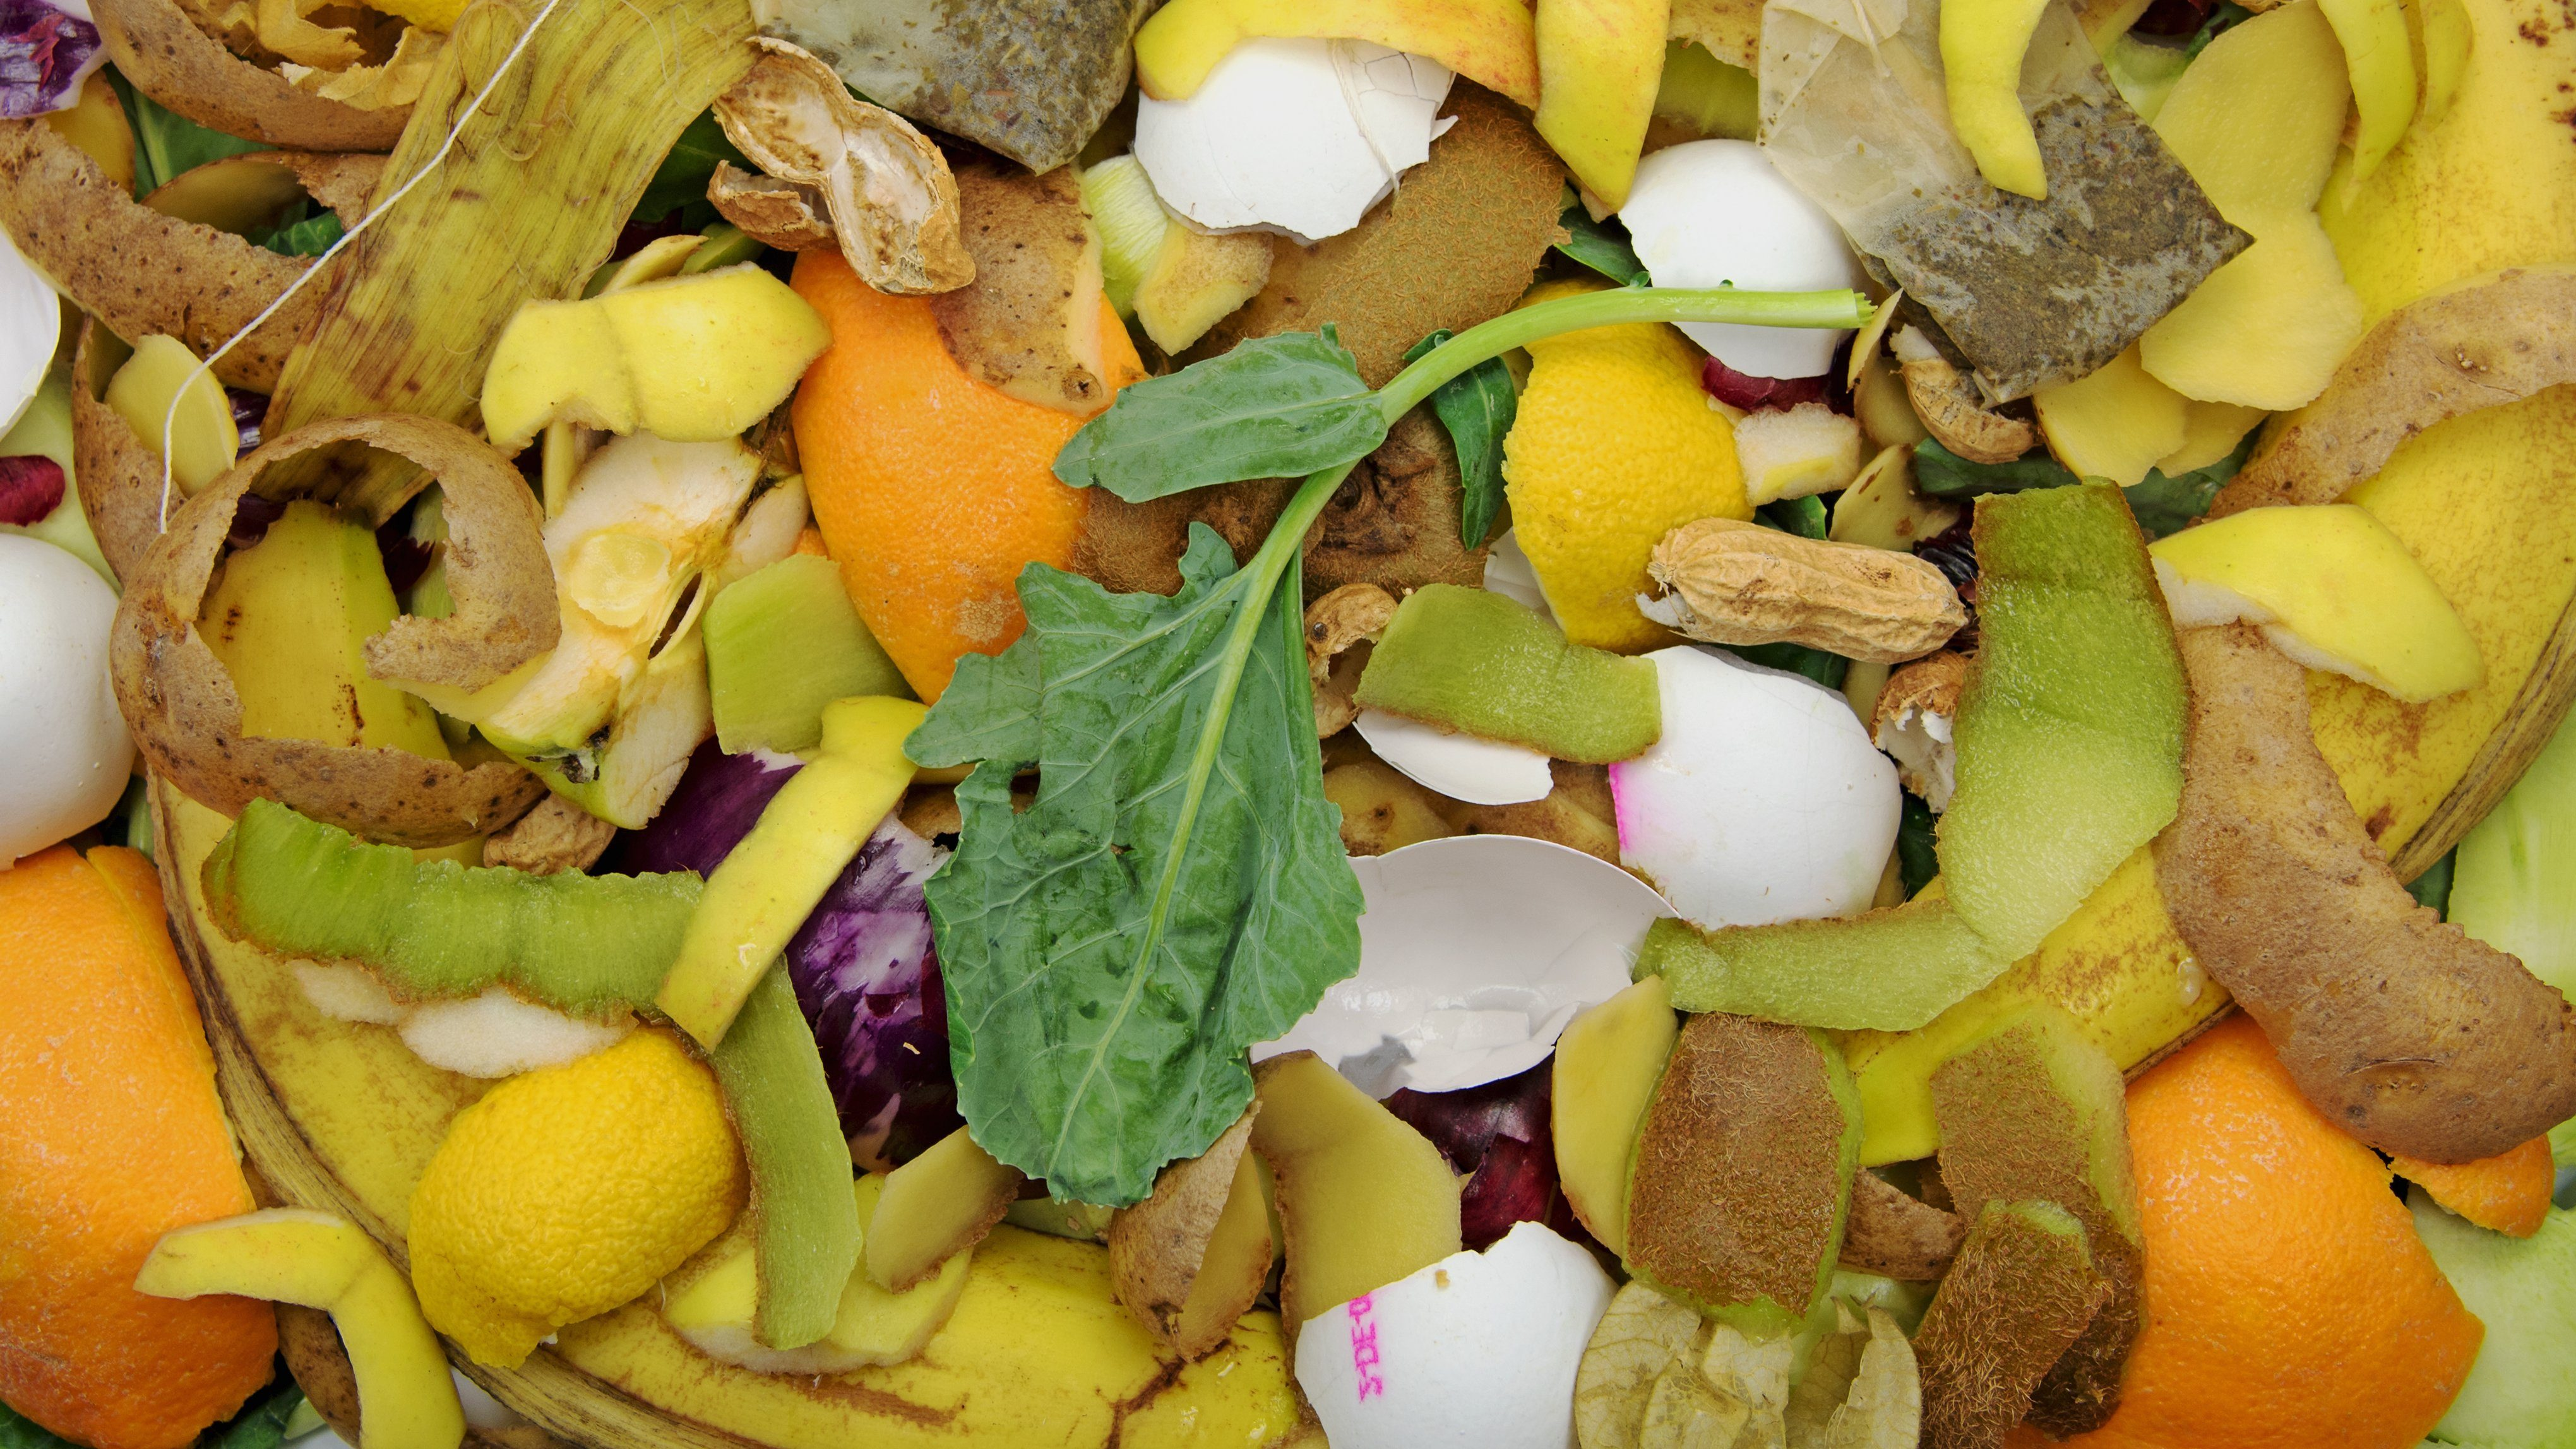 Biowaste for composting